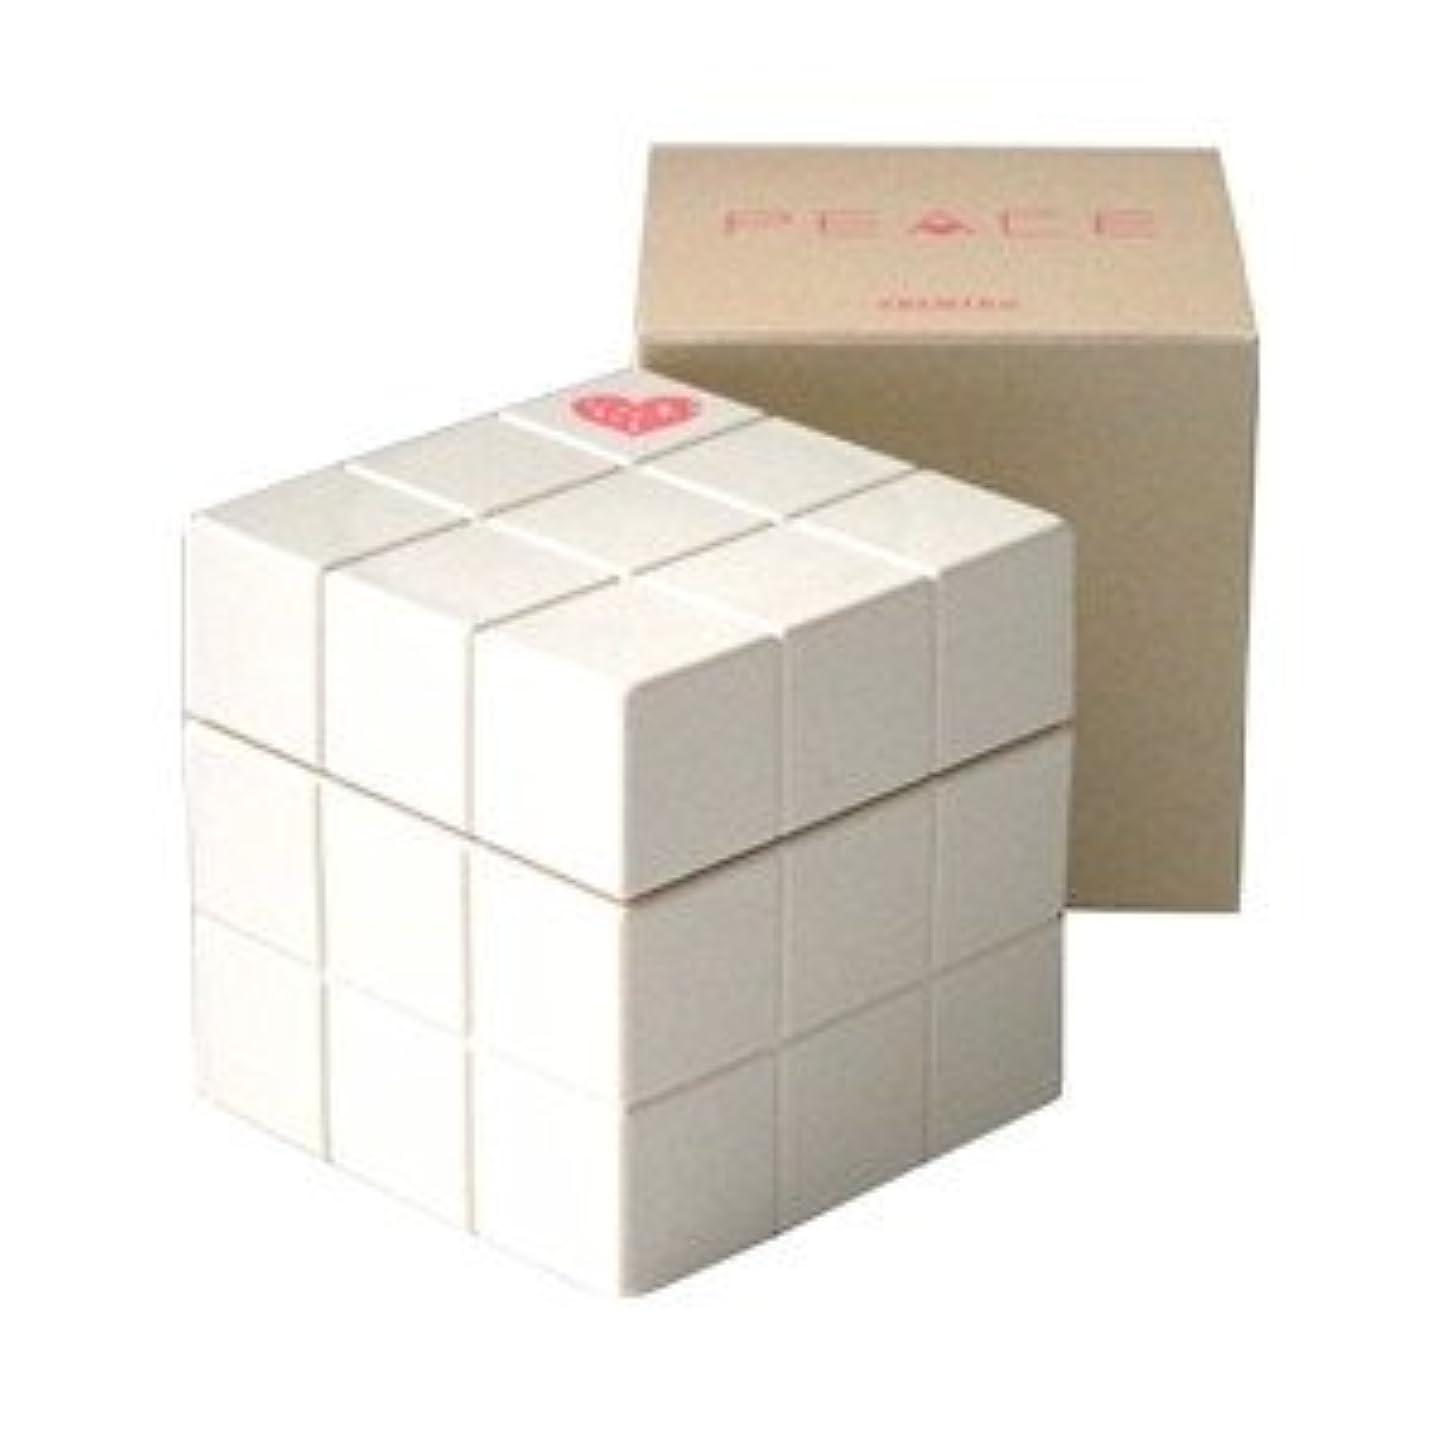 ポンプダウンタウン解釈的アリミノ ピース ニュアンス wax (バニラ) 80g